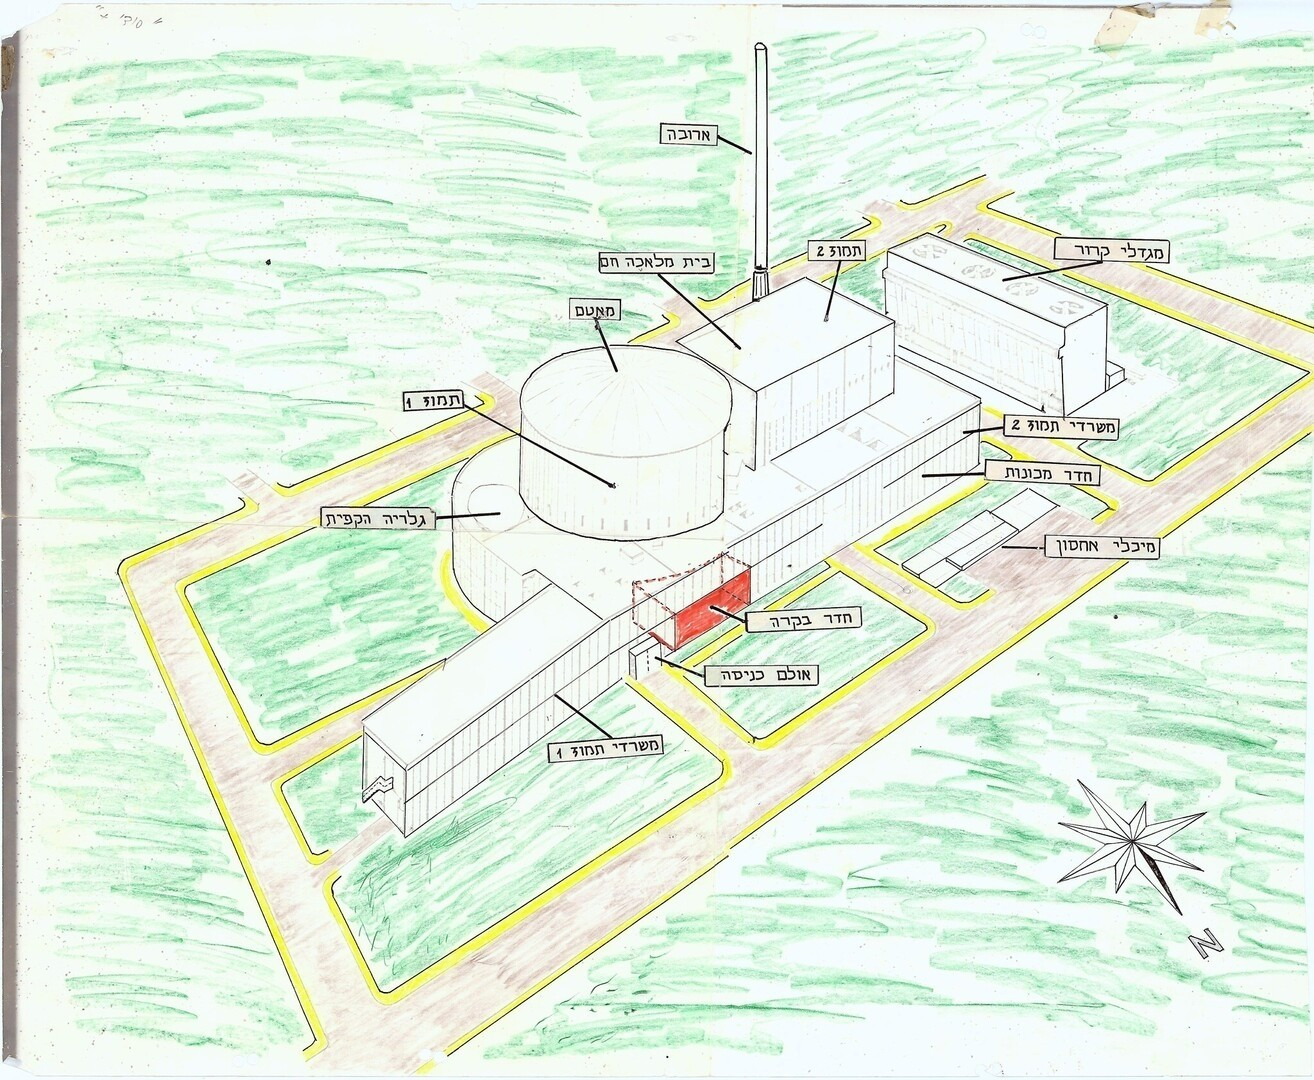 """""""إسرائيل"""" تنشر وثائق جديدة عن قصفها مفاعل تموز العراقي"""